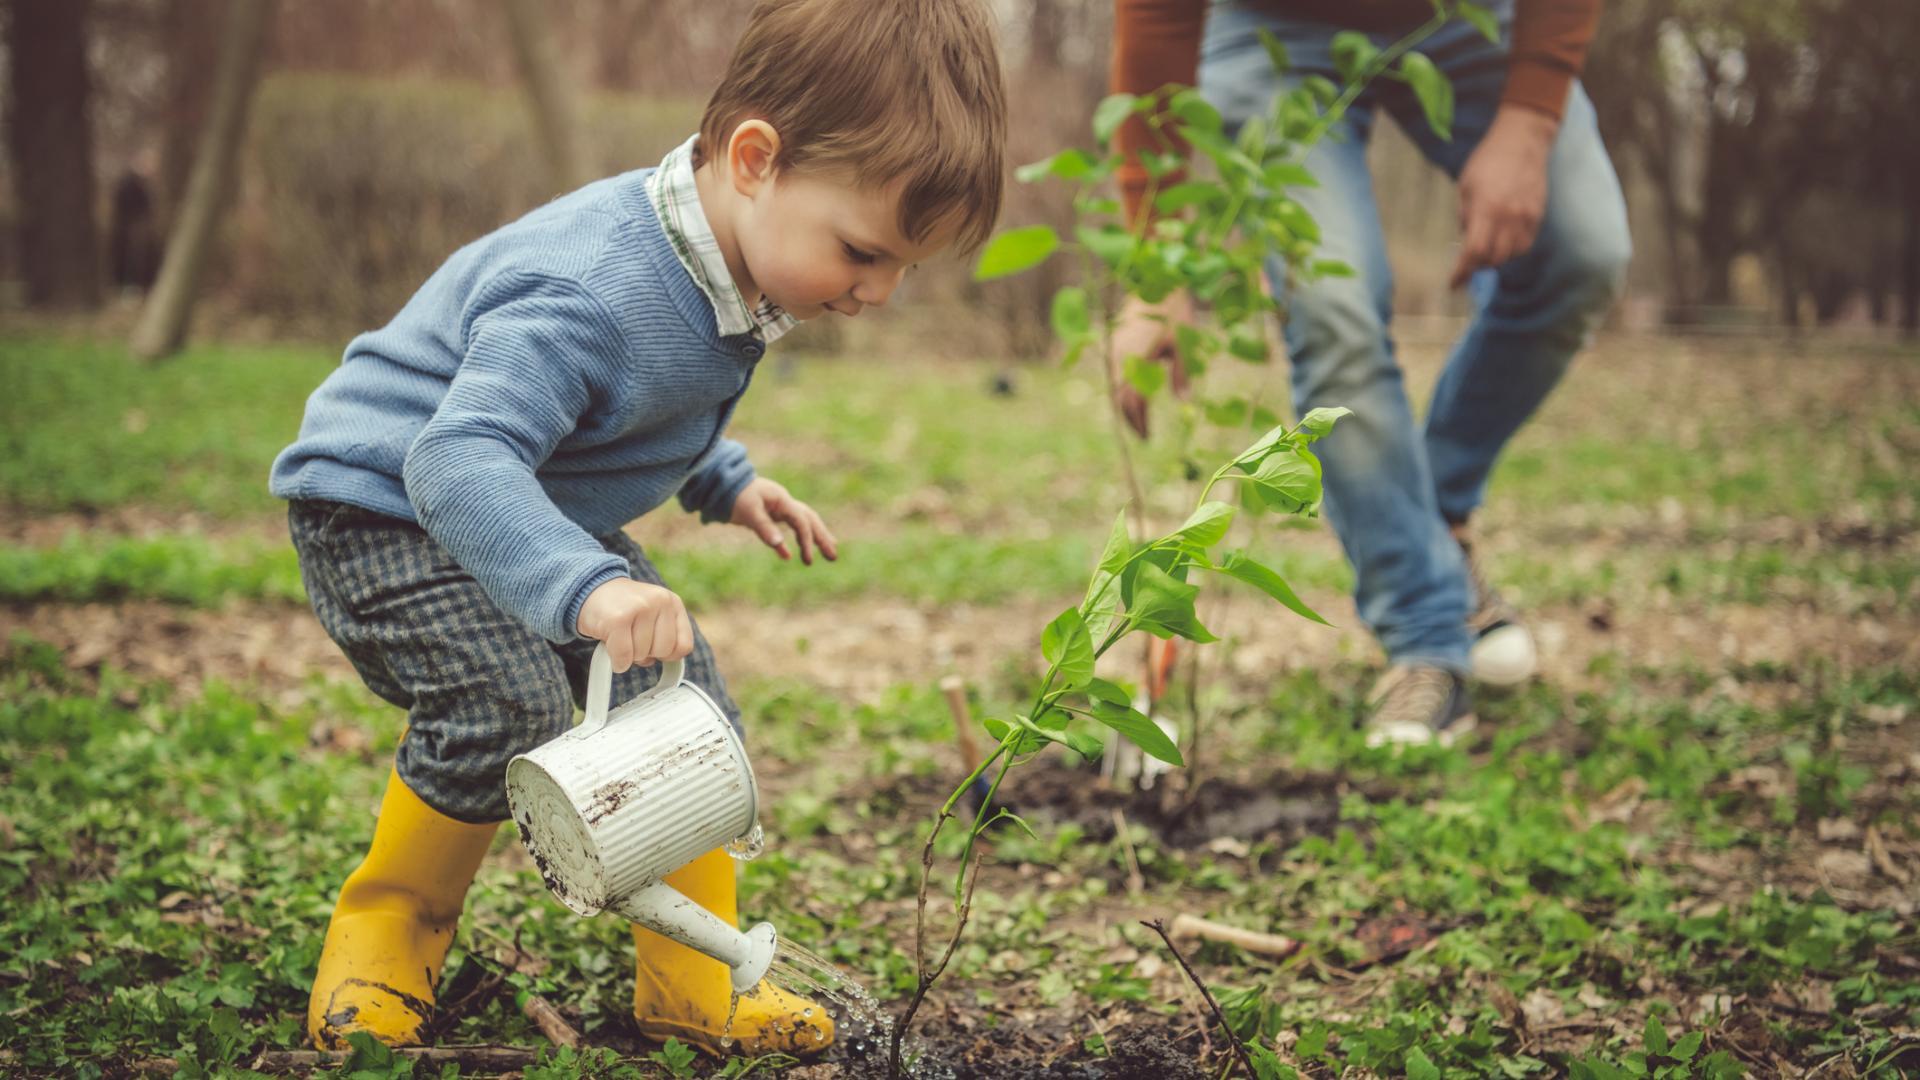 Kleiner Junge gießt Pflanze